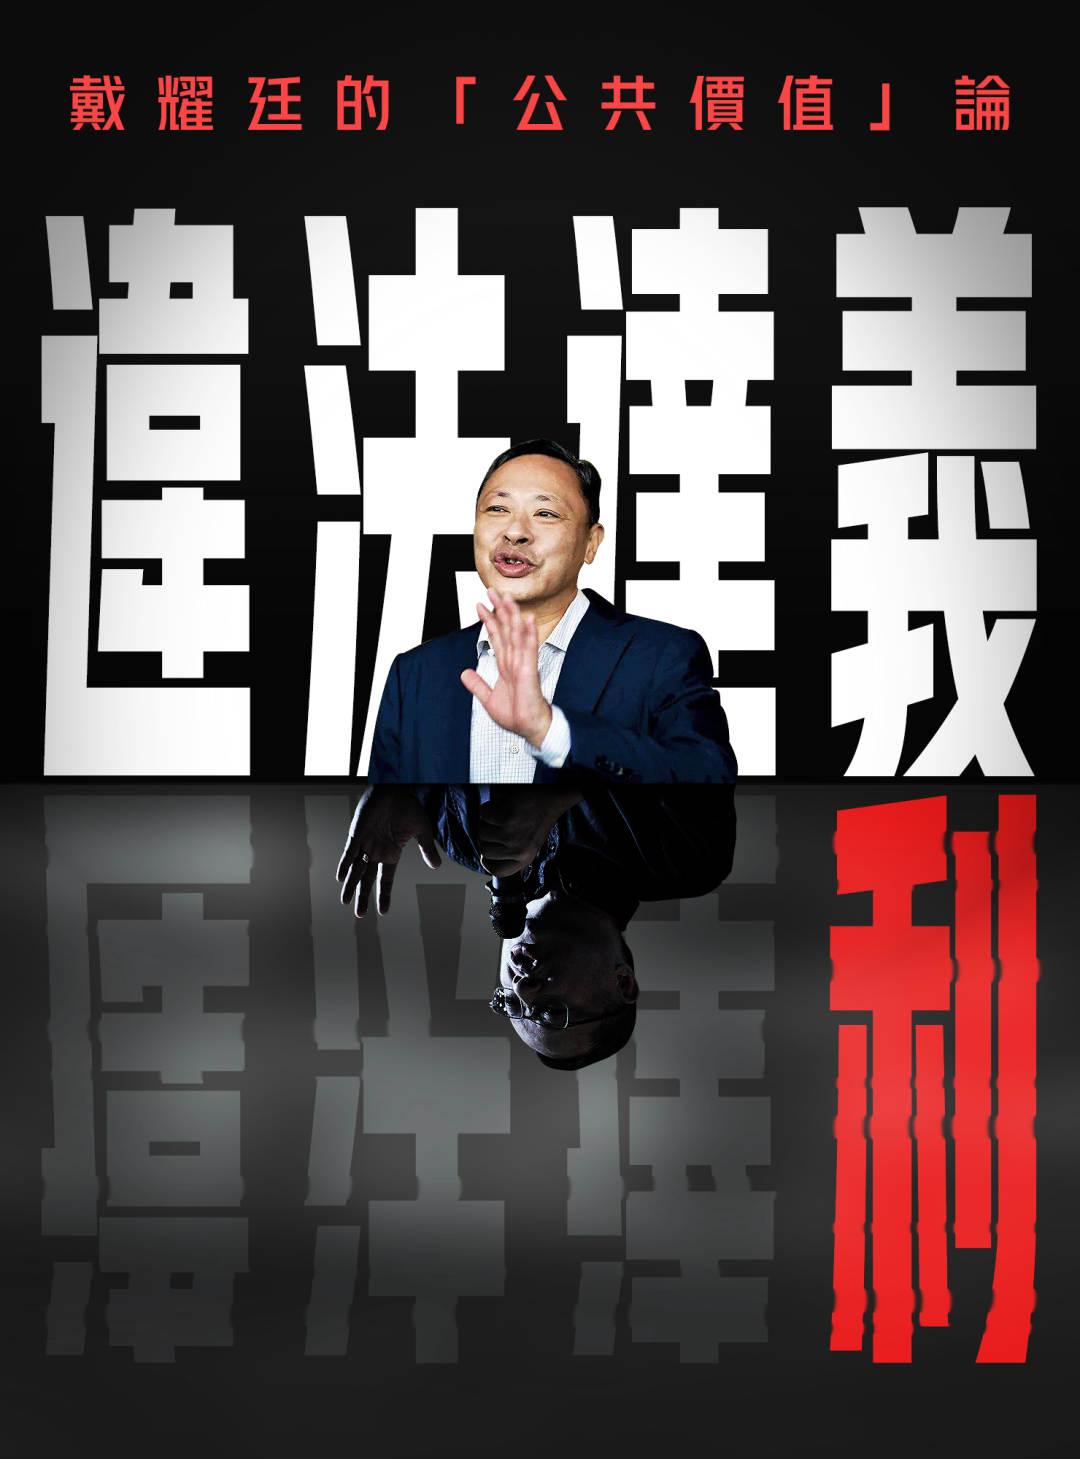 【西风亚洲天堂】_人民锐评:香港的公共价值,轮不到戴耀廷来捍卫